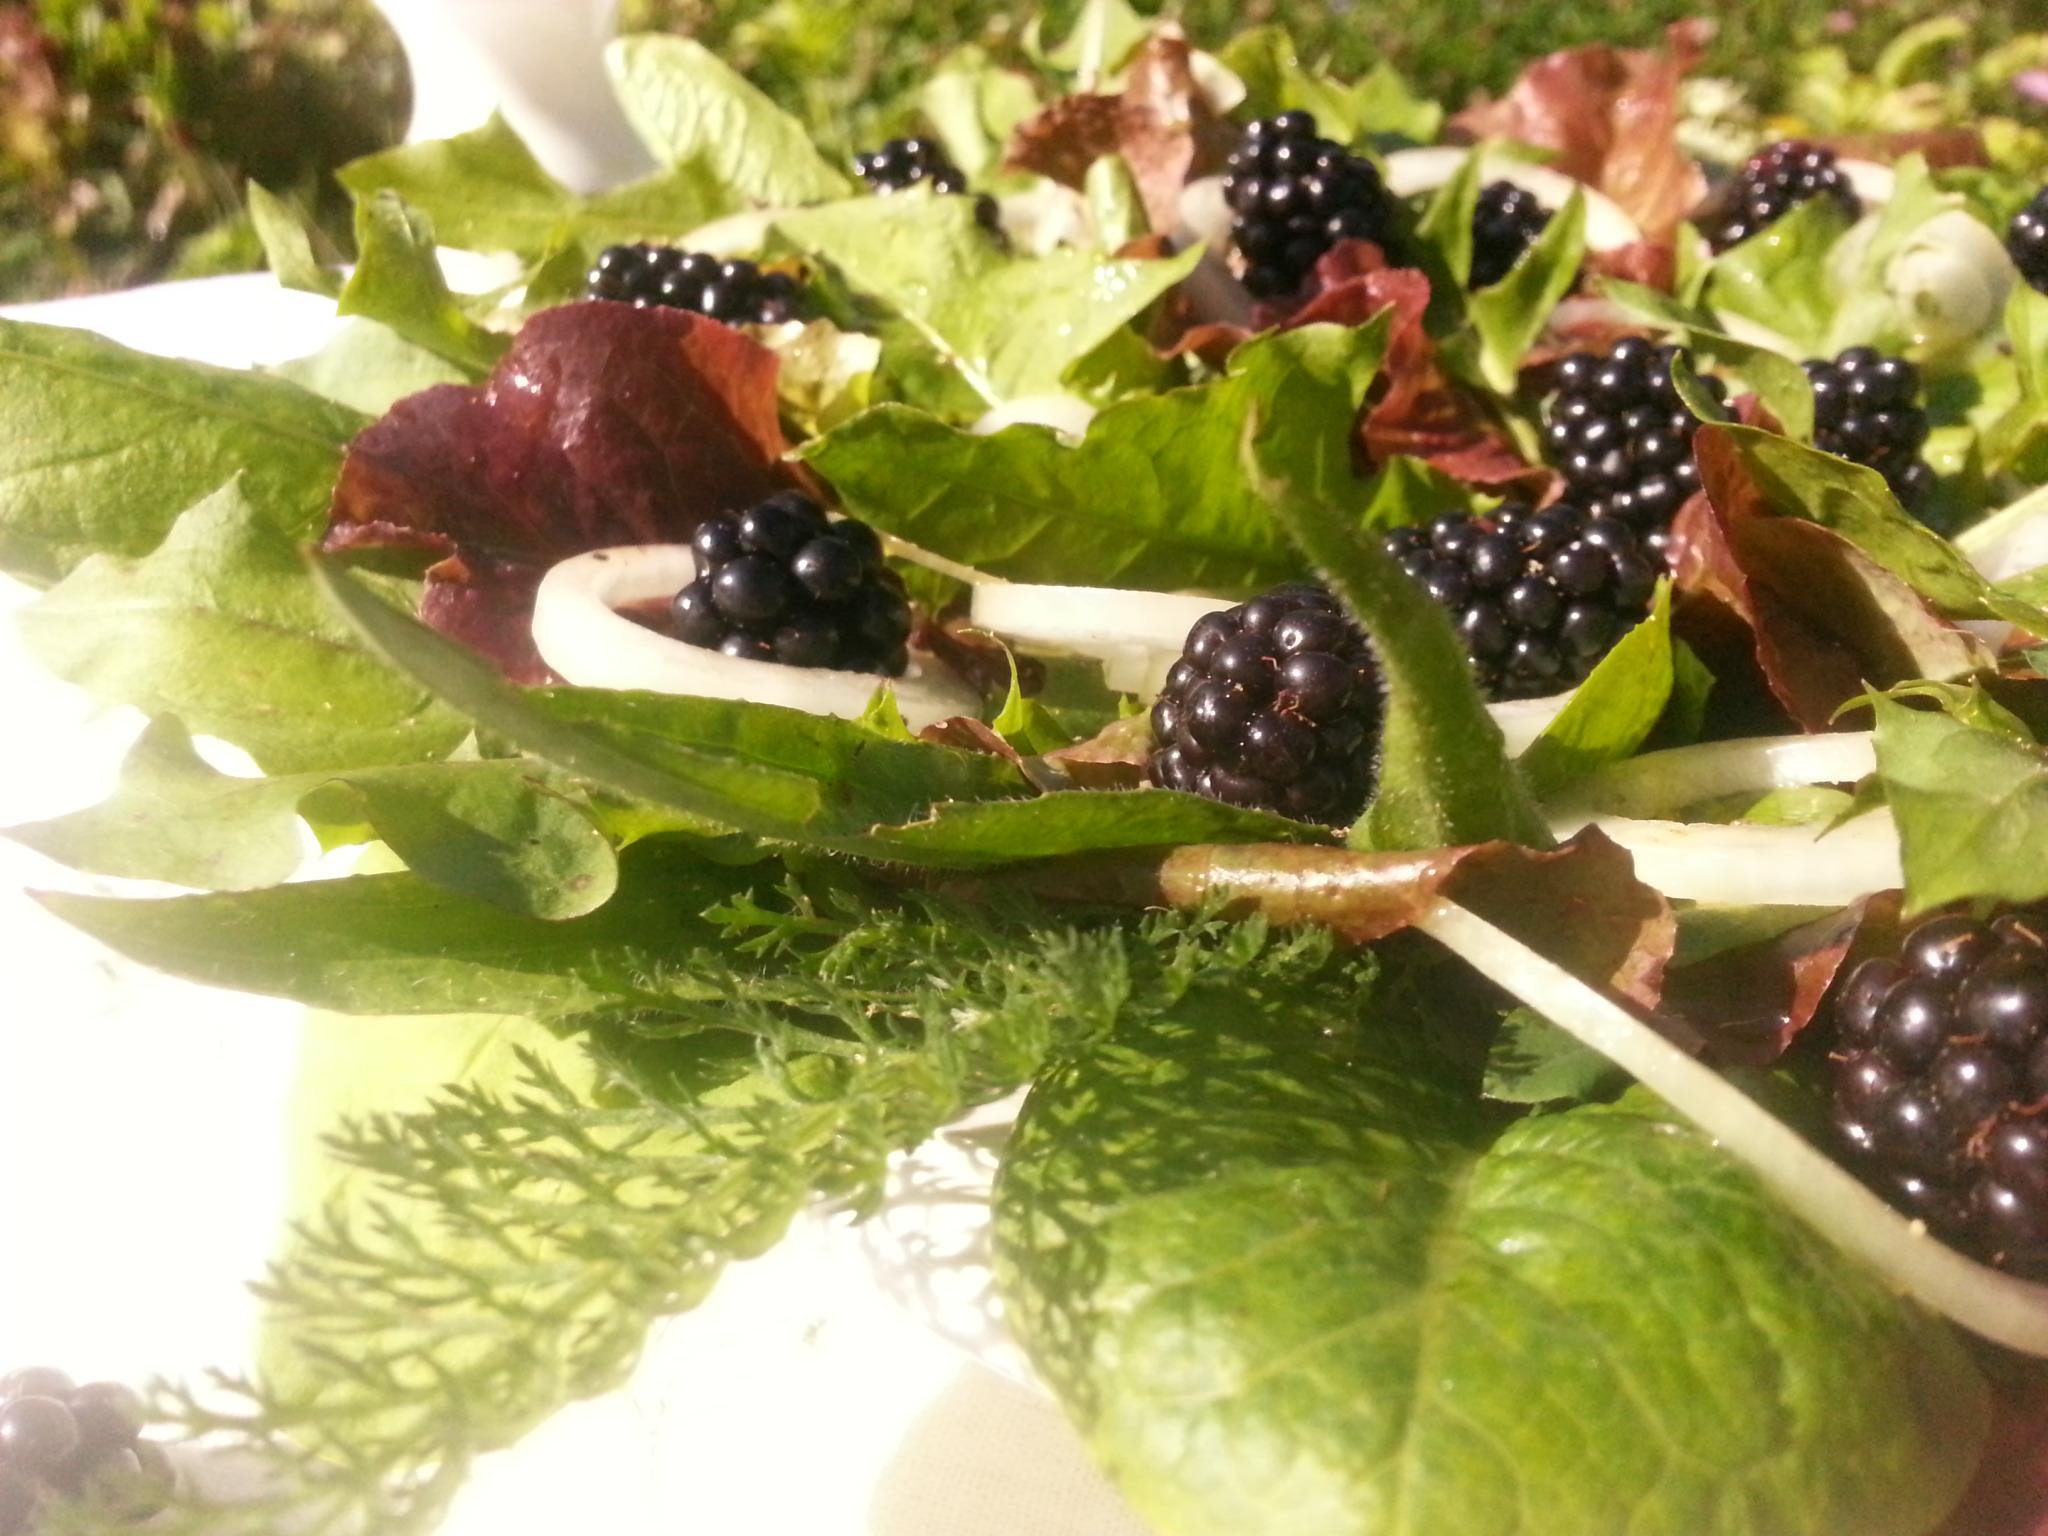 Frischer Rohkostsalat mit Salatblättern, Löwenzahn und anderen Wildkräutern sowie Brombeeren und einer Vinaigrette. Den Link zum Rezept findest du im Text.